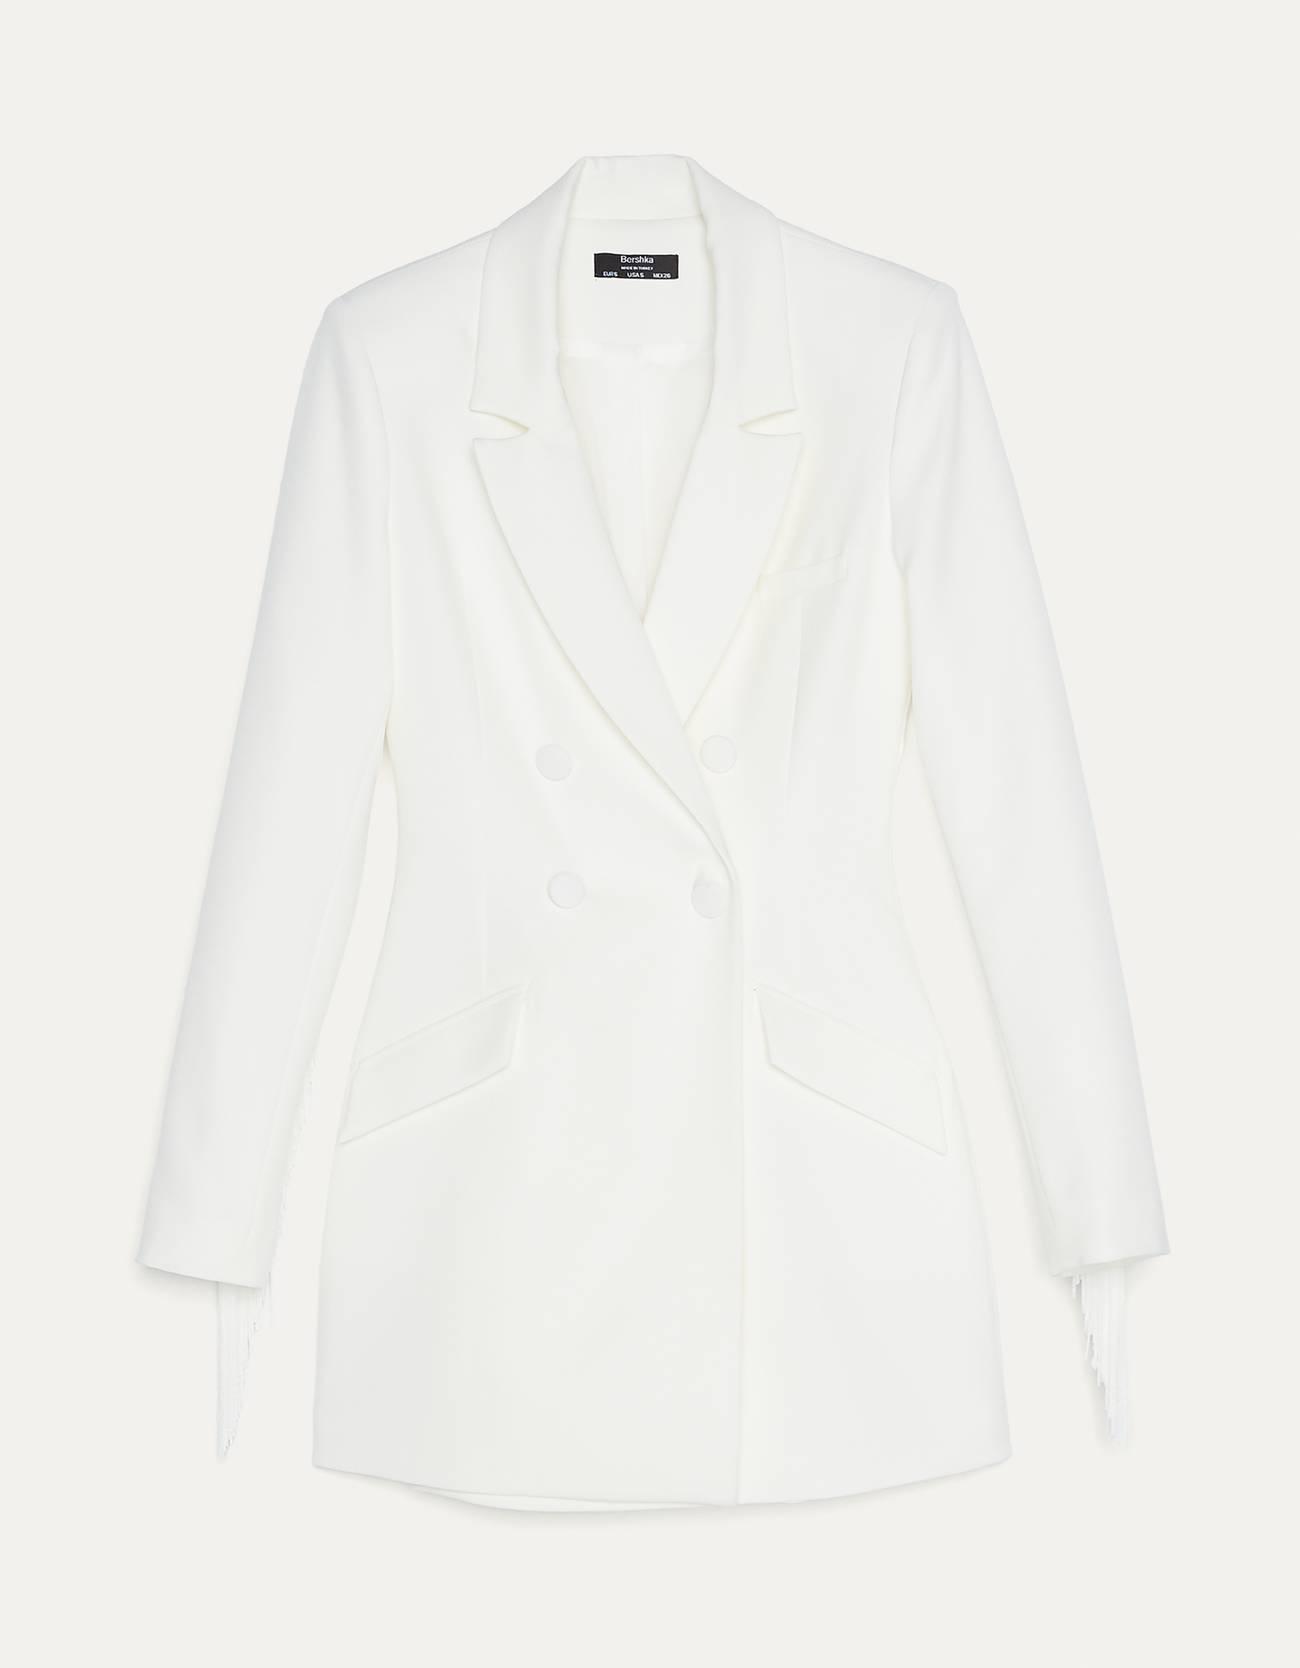 Vestido corto tipo blazer con cuello solapa y manga larga. Escote cruzado con botones frontales y bolsillos. Detalle de flecos en espalda.